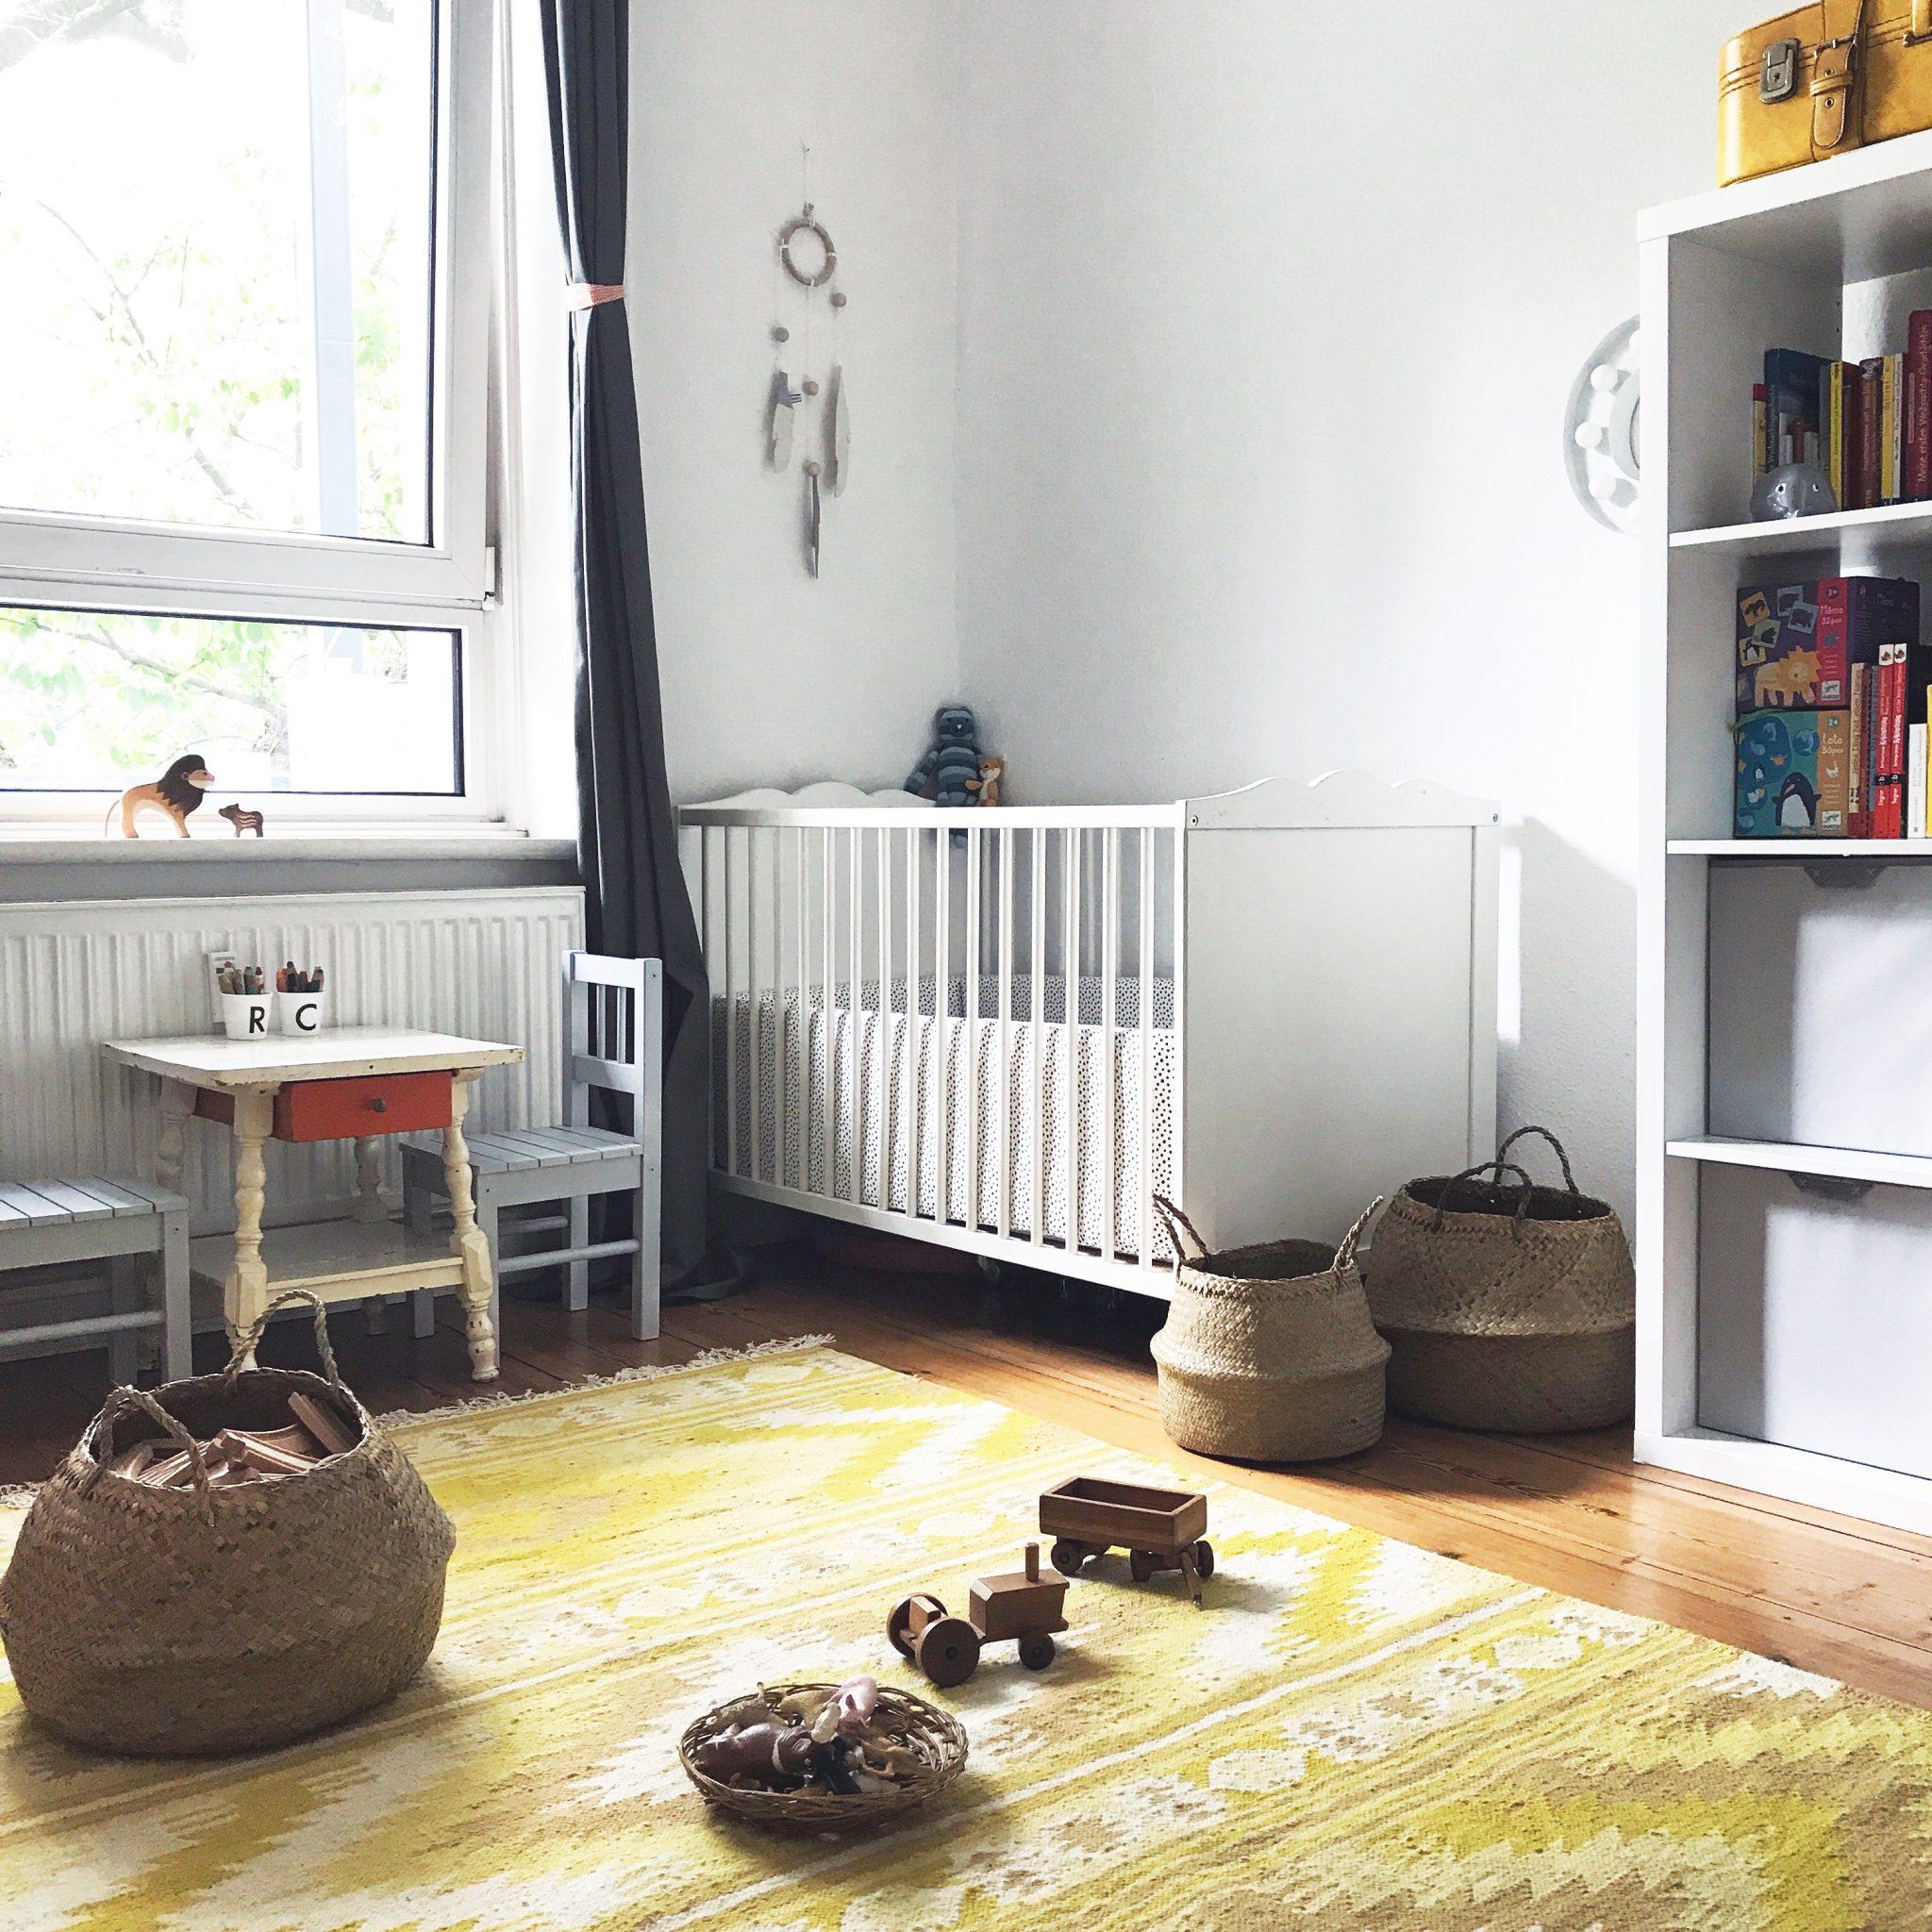 Full Size of Regal Babyzimmer Unser Kinderzimmer Und Ein Paar Einfache Montessori Holzregal Badezimmer Fächer Glasböden Cd Buche Kiefer Weiß Holz Günstige Regale Küche Regal Regal Babyzimmer